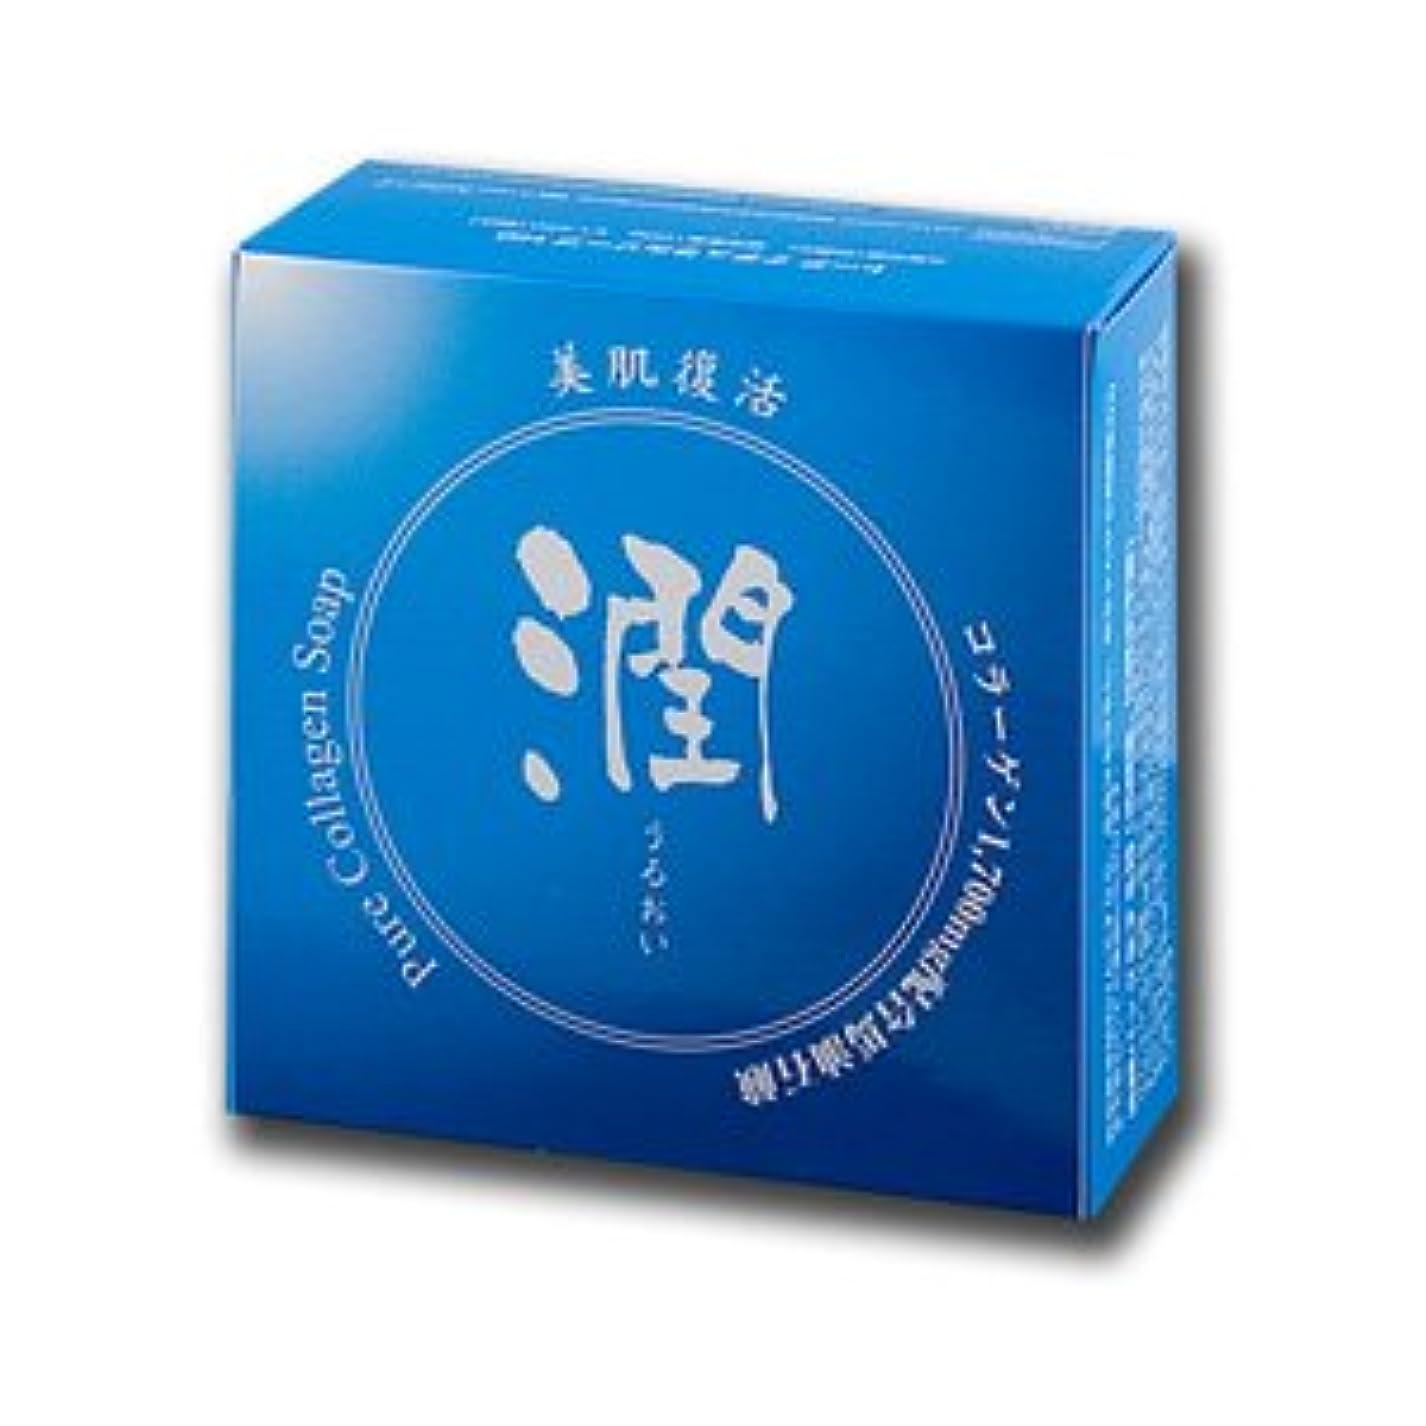 覗く最終的に葬儀コラーゲン馬油石鹸 潤 100g (#800410) ×8個セット